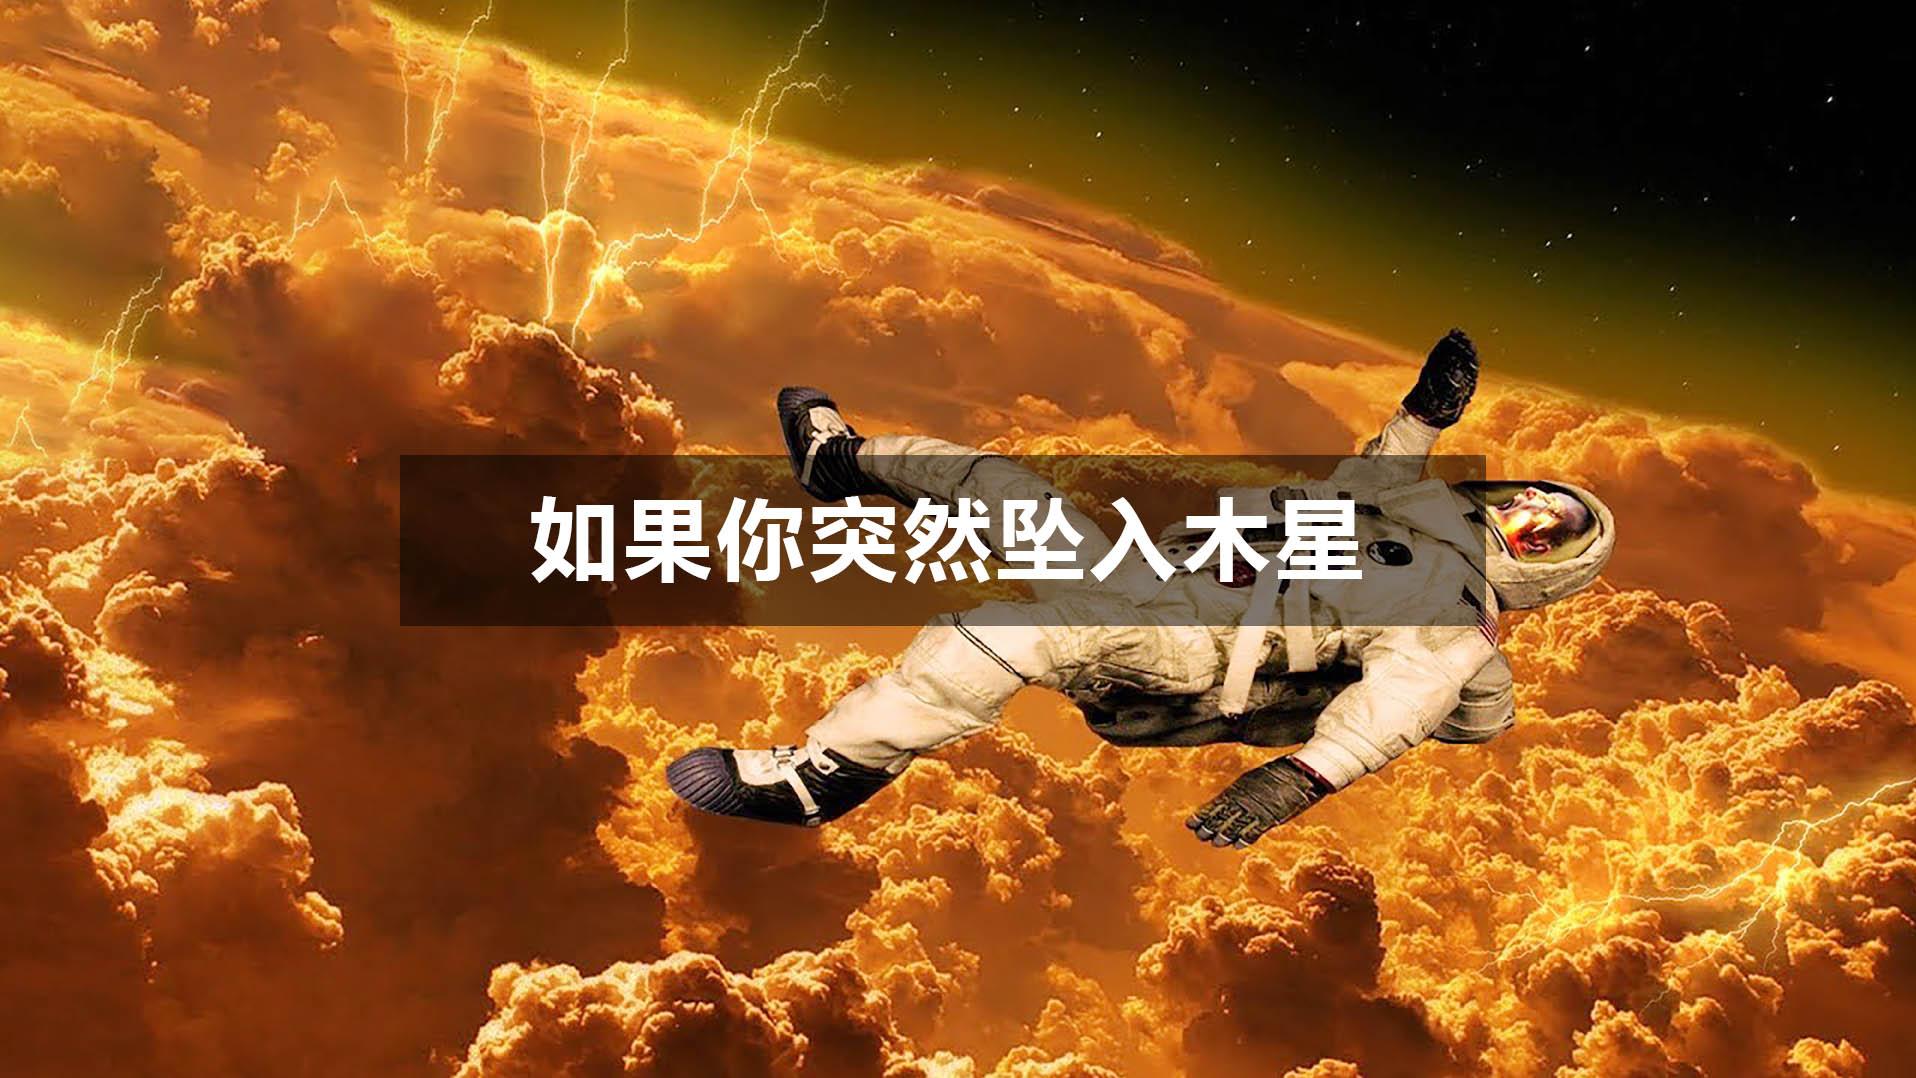 如果你突然坠入木星,会发生什么?会穿星而过到达对面吗?